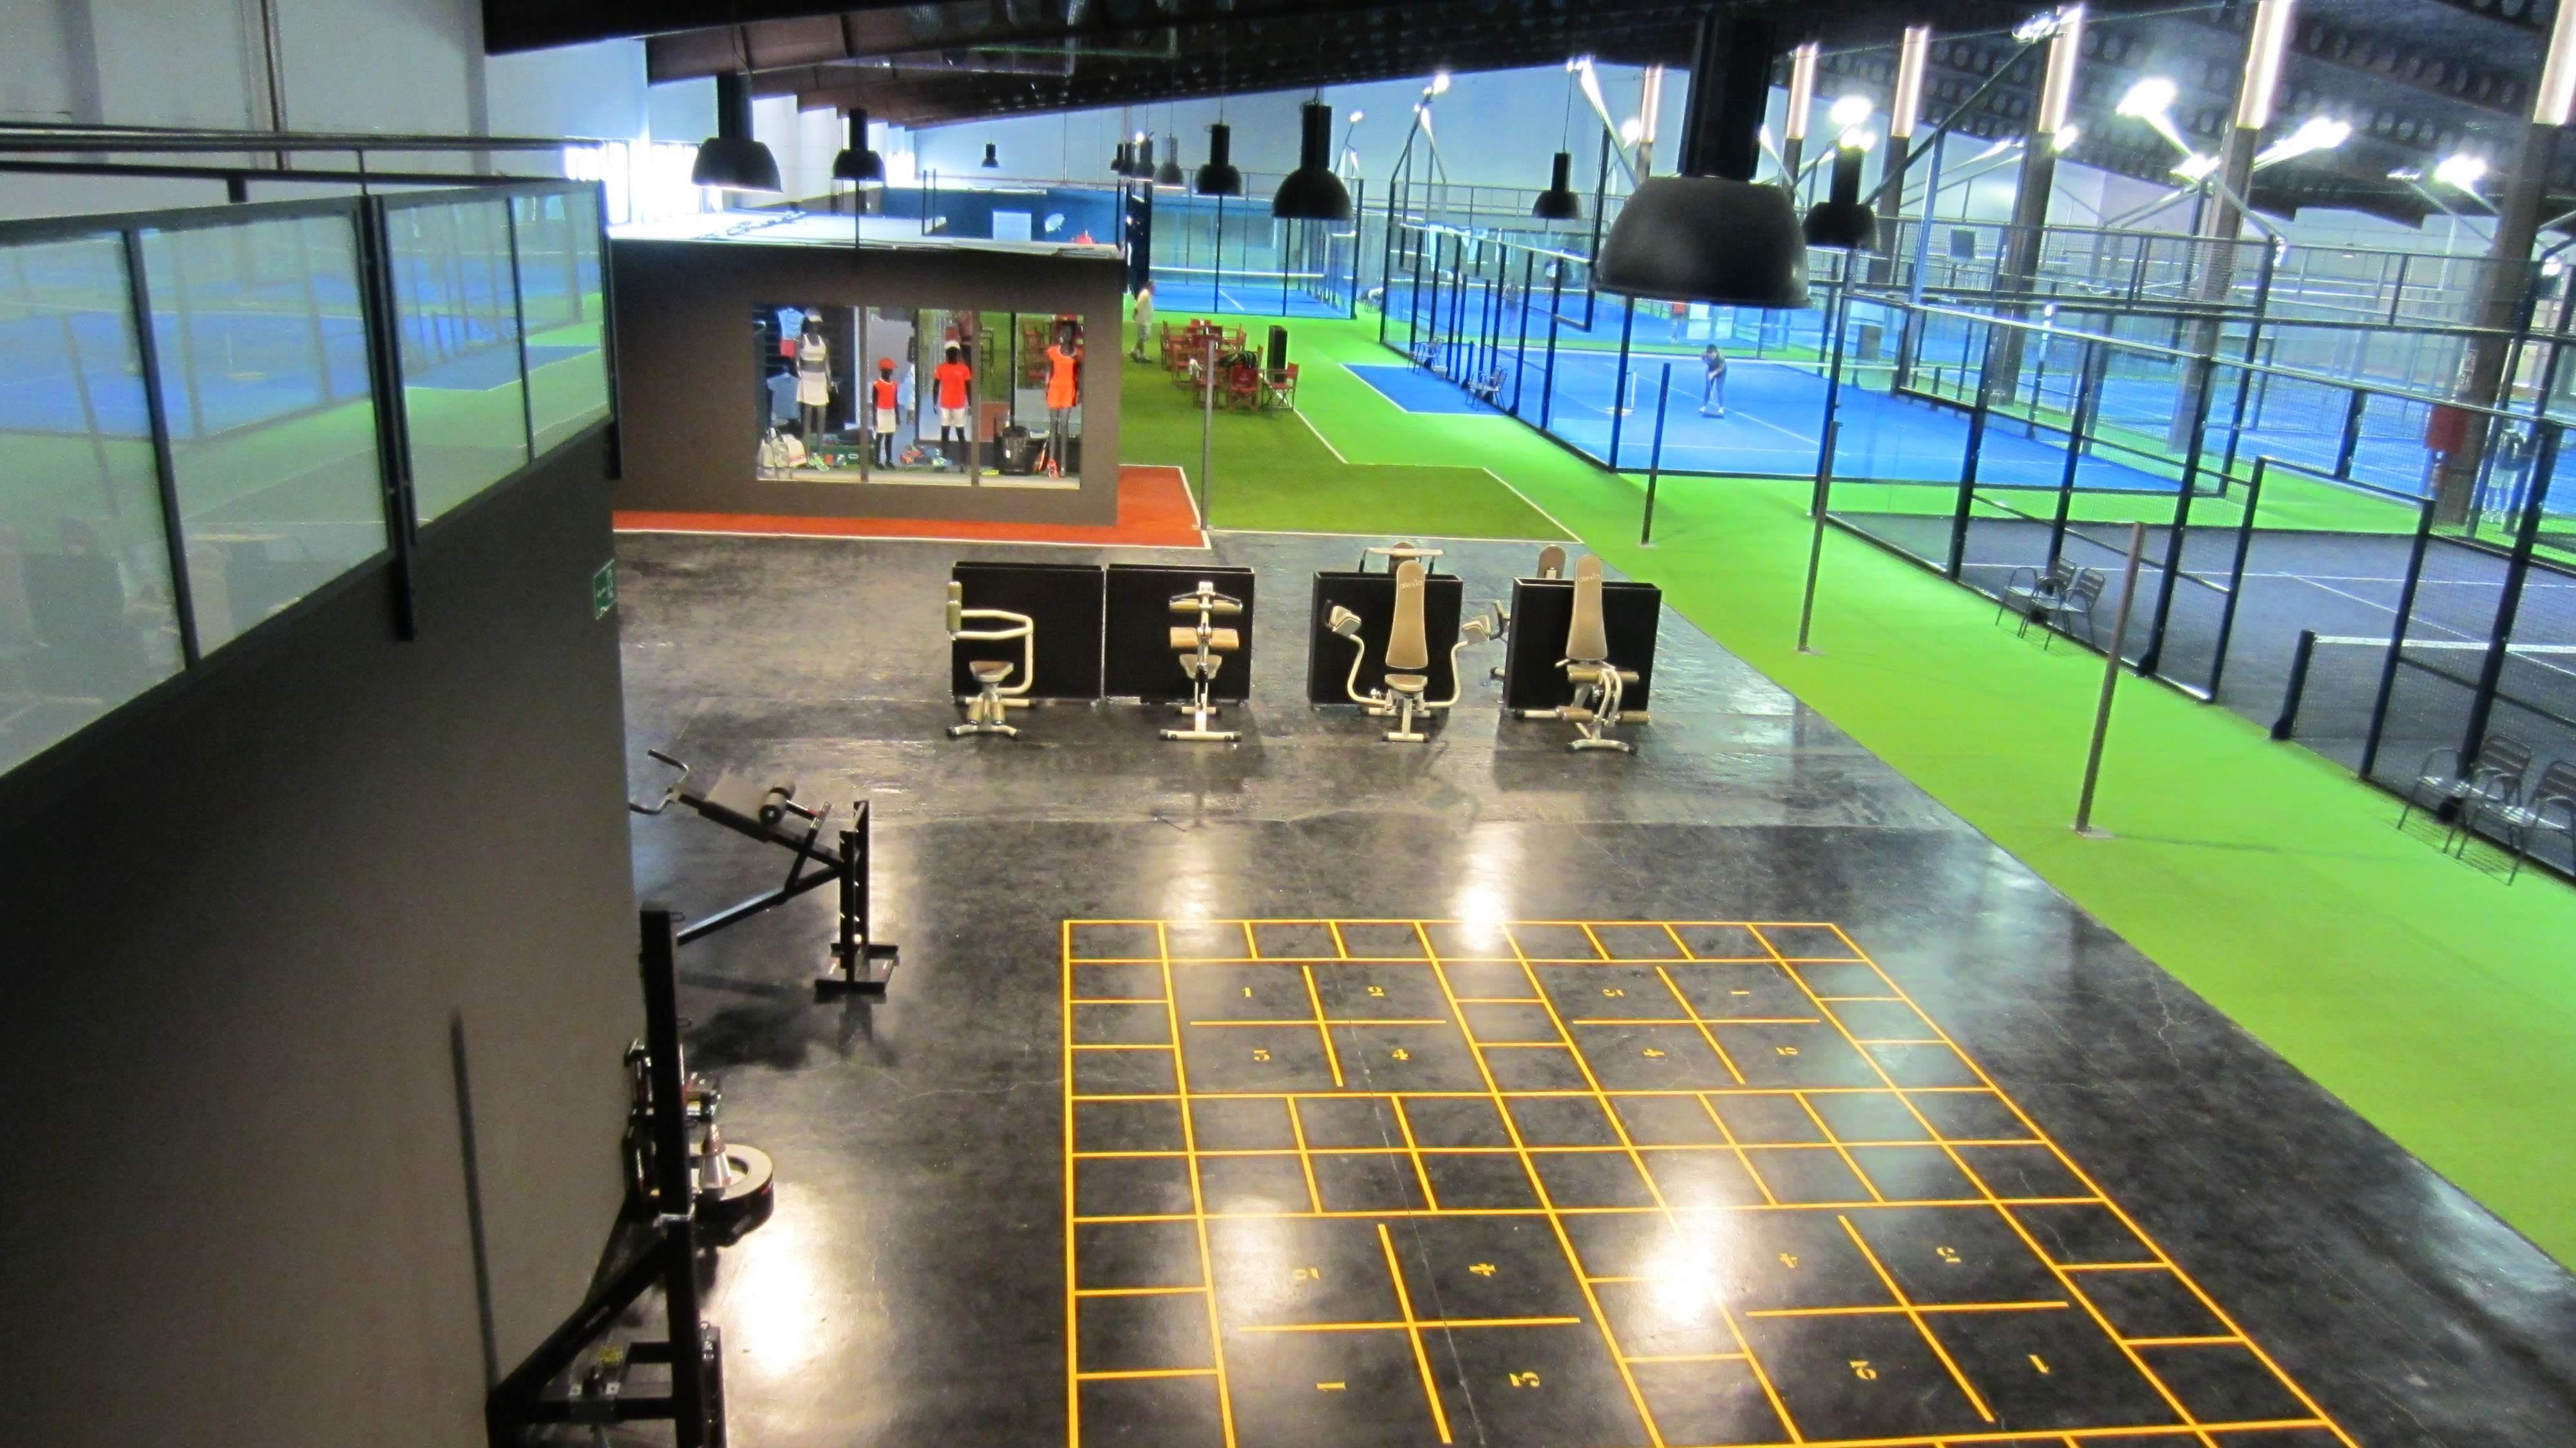 Gimnasio con las últimas tecnologías: Entrenador de reacciones, entrenamiento inercial, etc